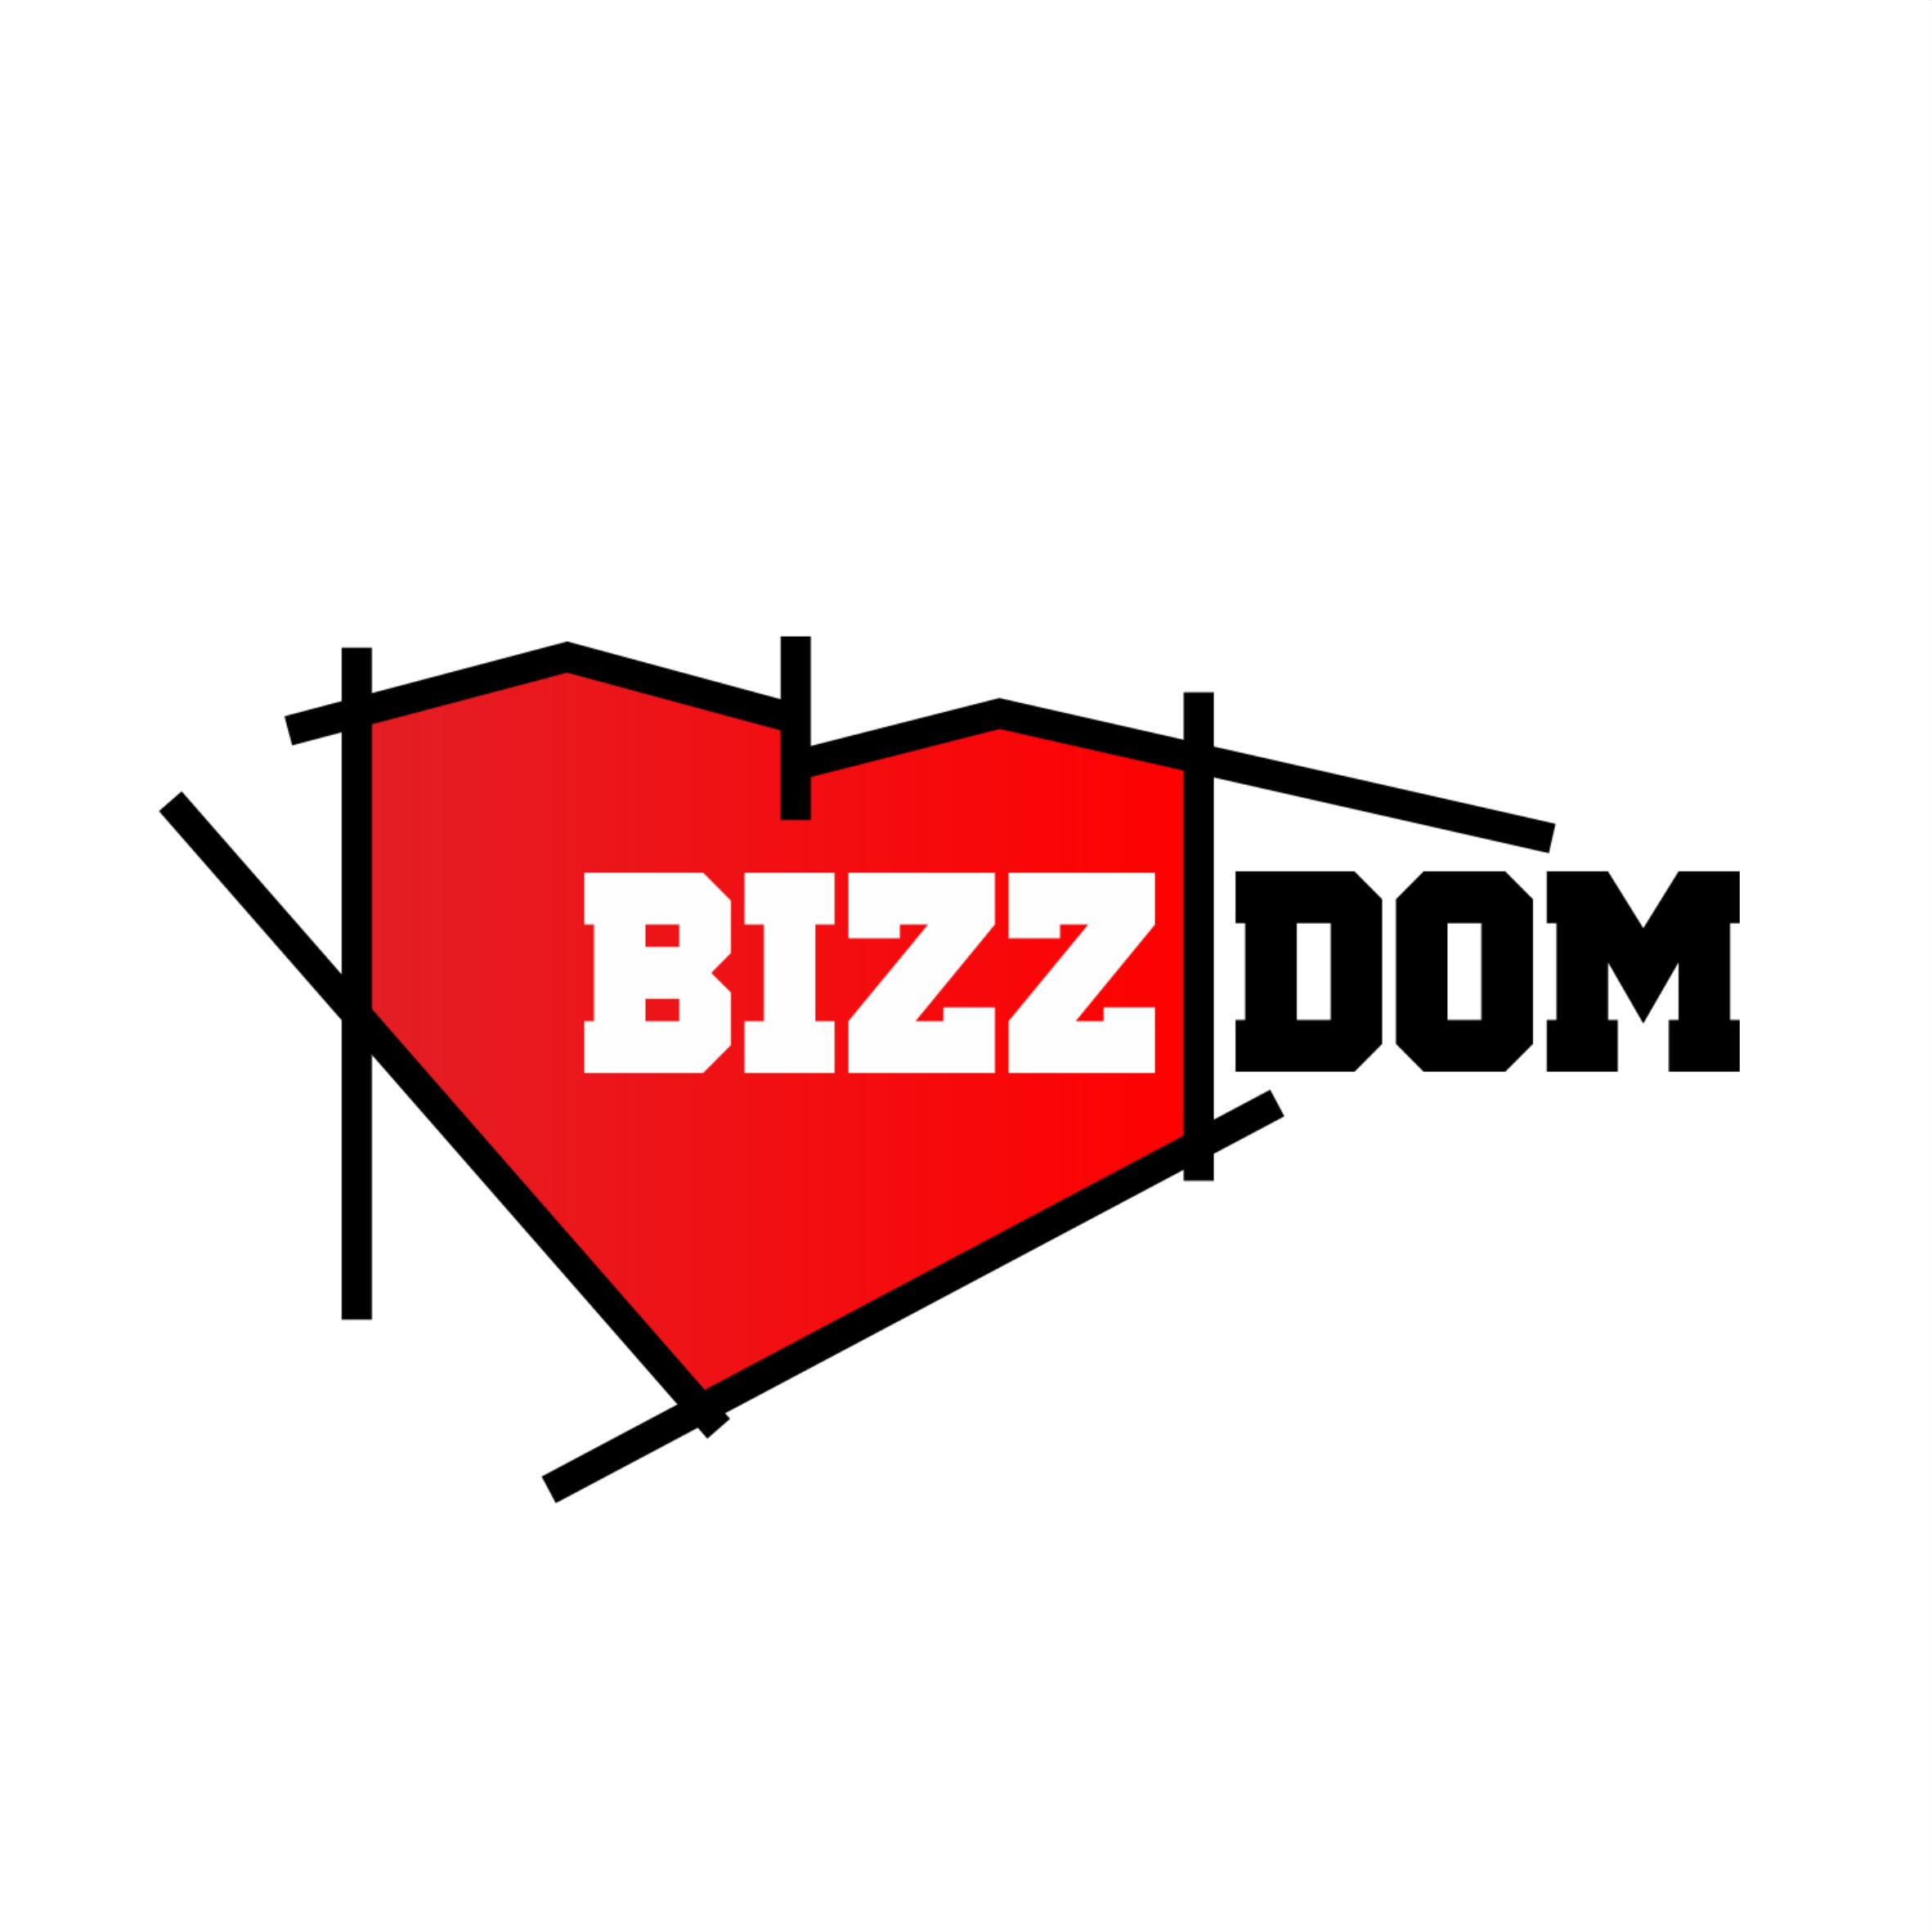 concepts-logo-bizzdom-werkterrein-kwartiermaken